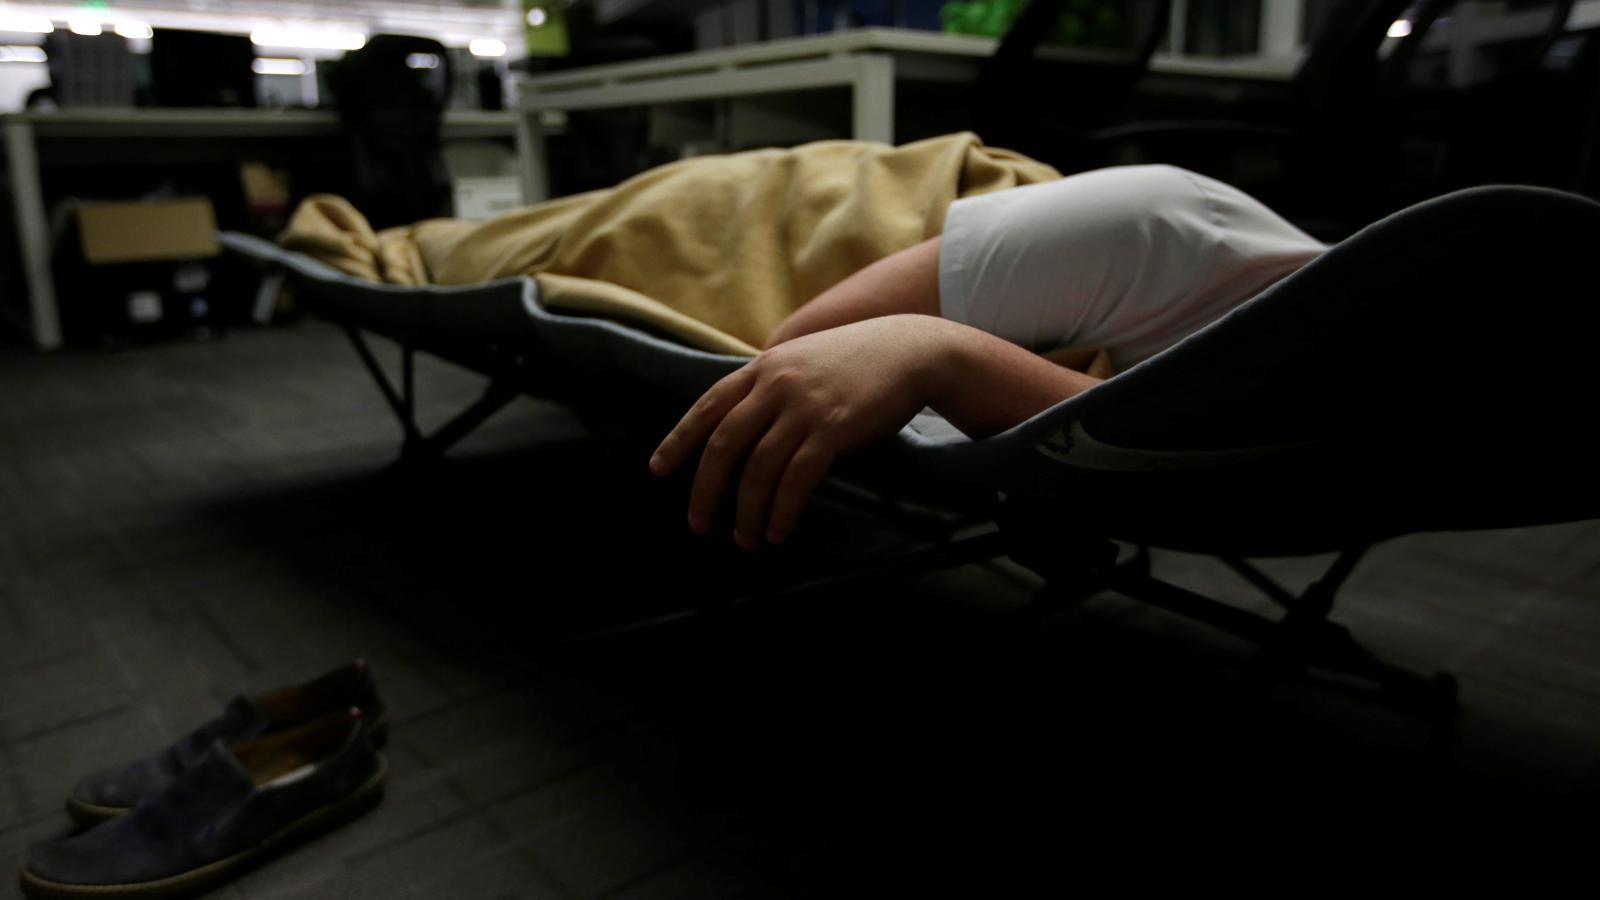 Nếu có những triệu chứng này khi ngủ, cảnh báo phổi bị tổn thương, có thể dẫn tới ung thư - 4